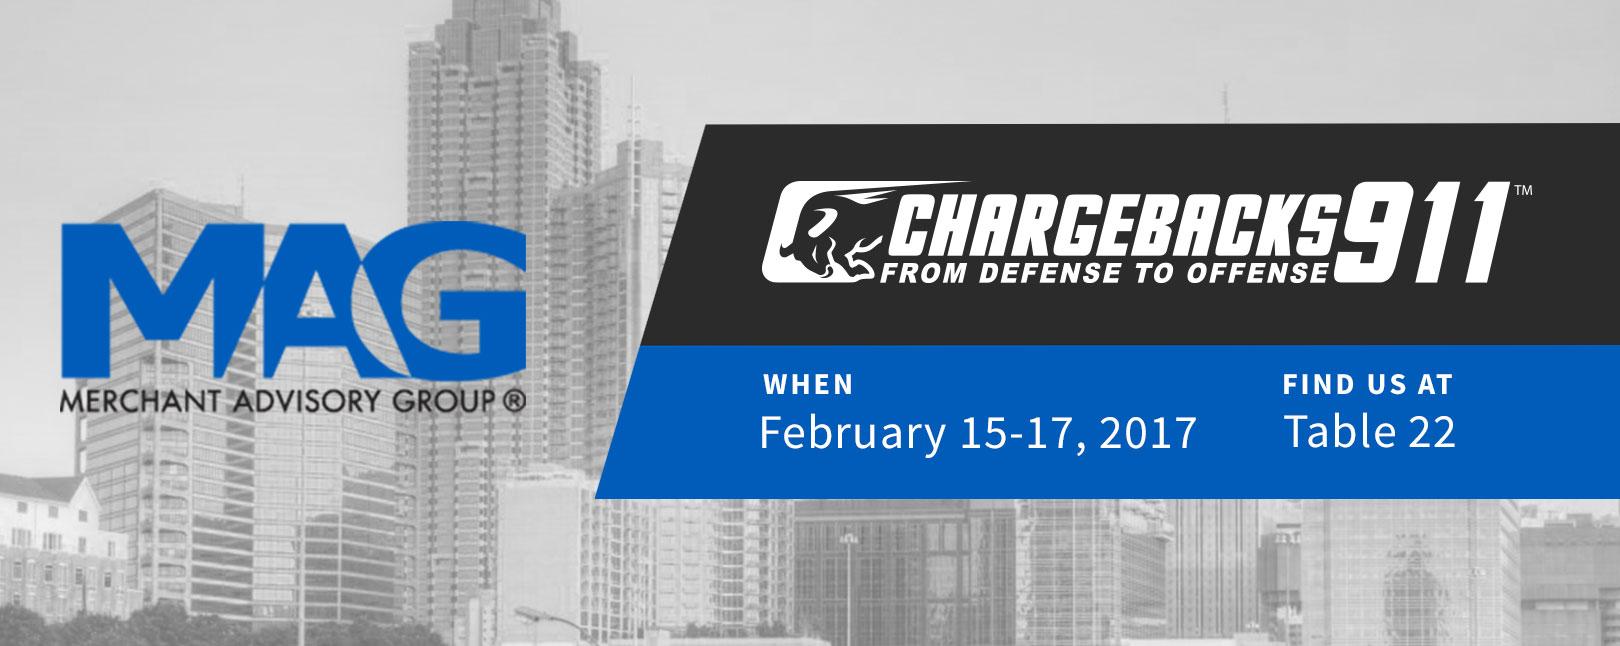 Chargebacks911 MAG Conference Atlanta